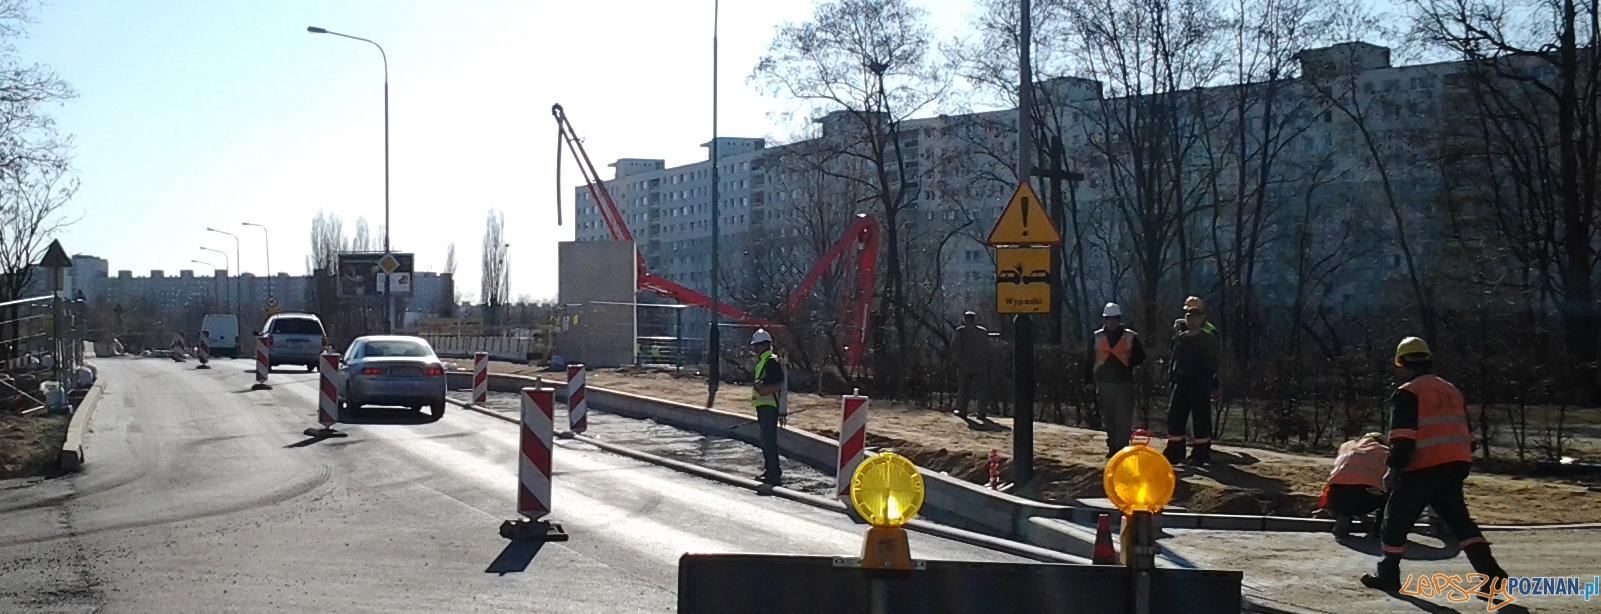 Ulica Chartowo już przejezdna  Foto: lepszyPOZNAN.pl / ag